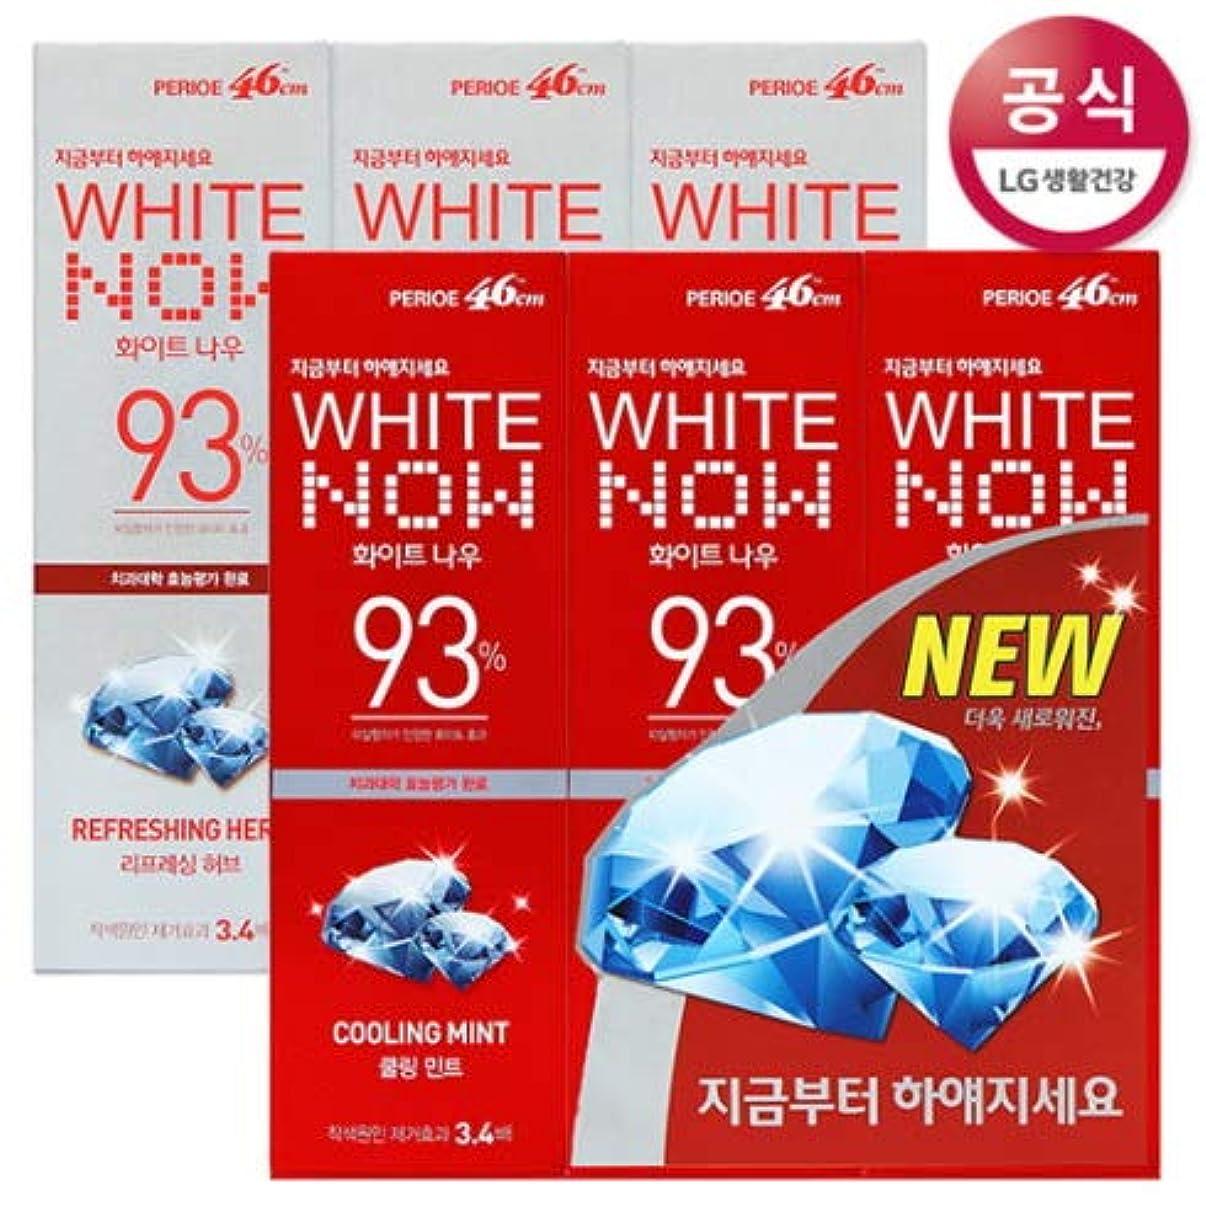 分析的な悪化させるニュージーランド[LG HnB] Perio White Nau Toothpaste/ペリオホワイトナウ歯磨き粉 100gx6個(海外直送品)